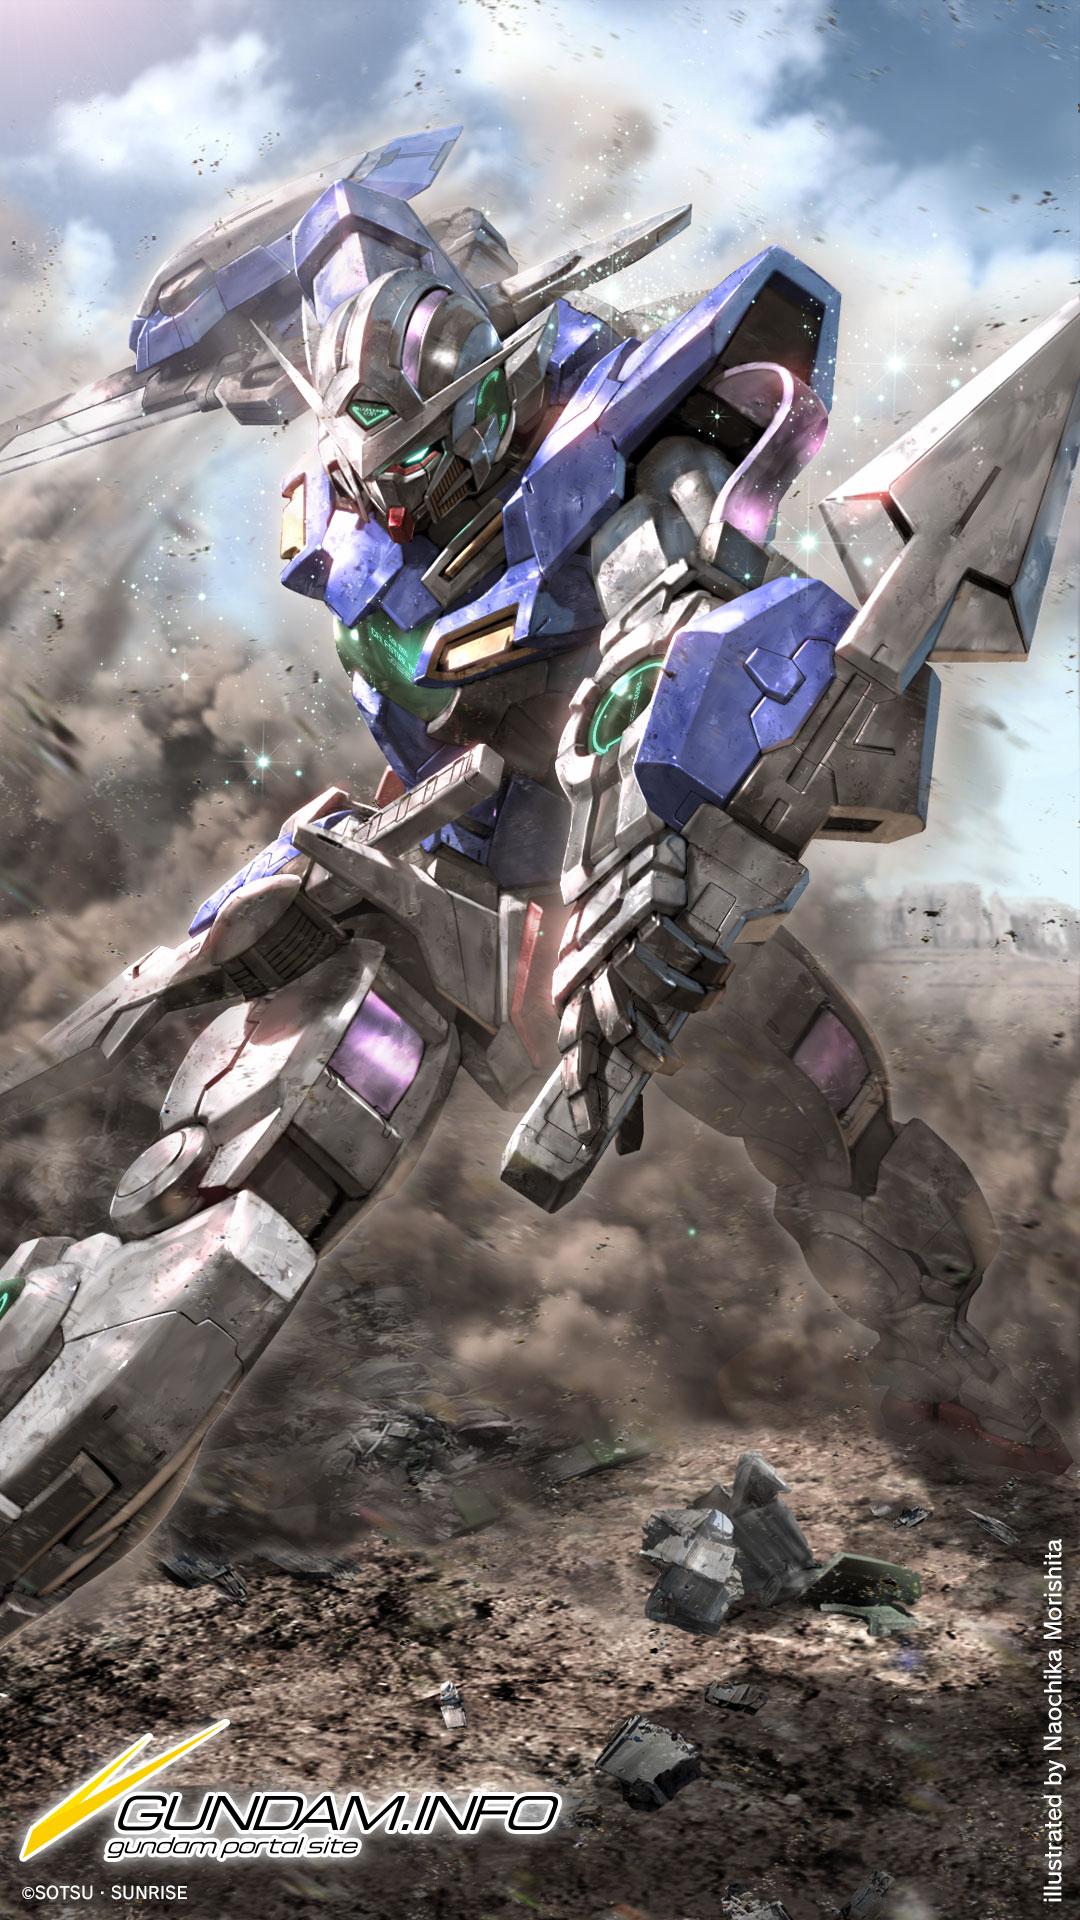 Gundam Wallpaper Fandom